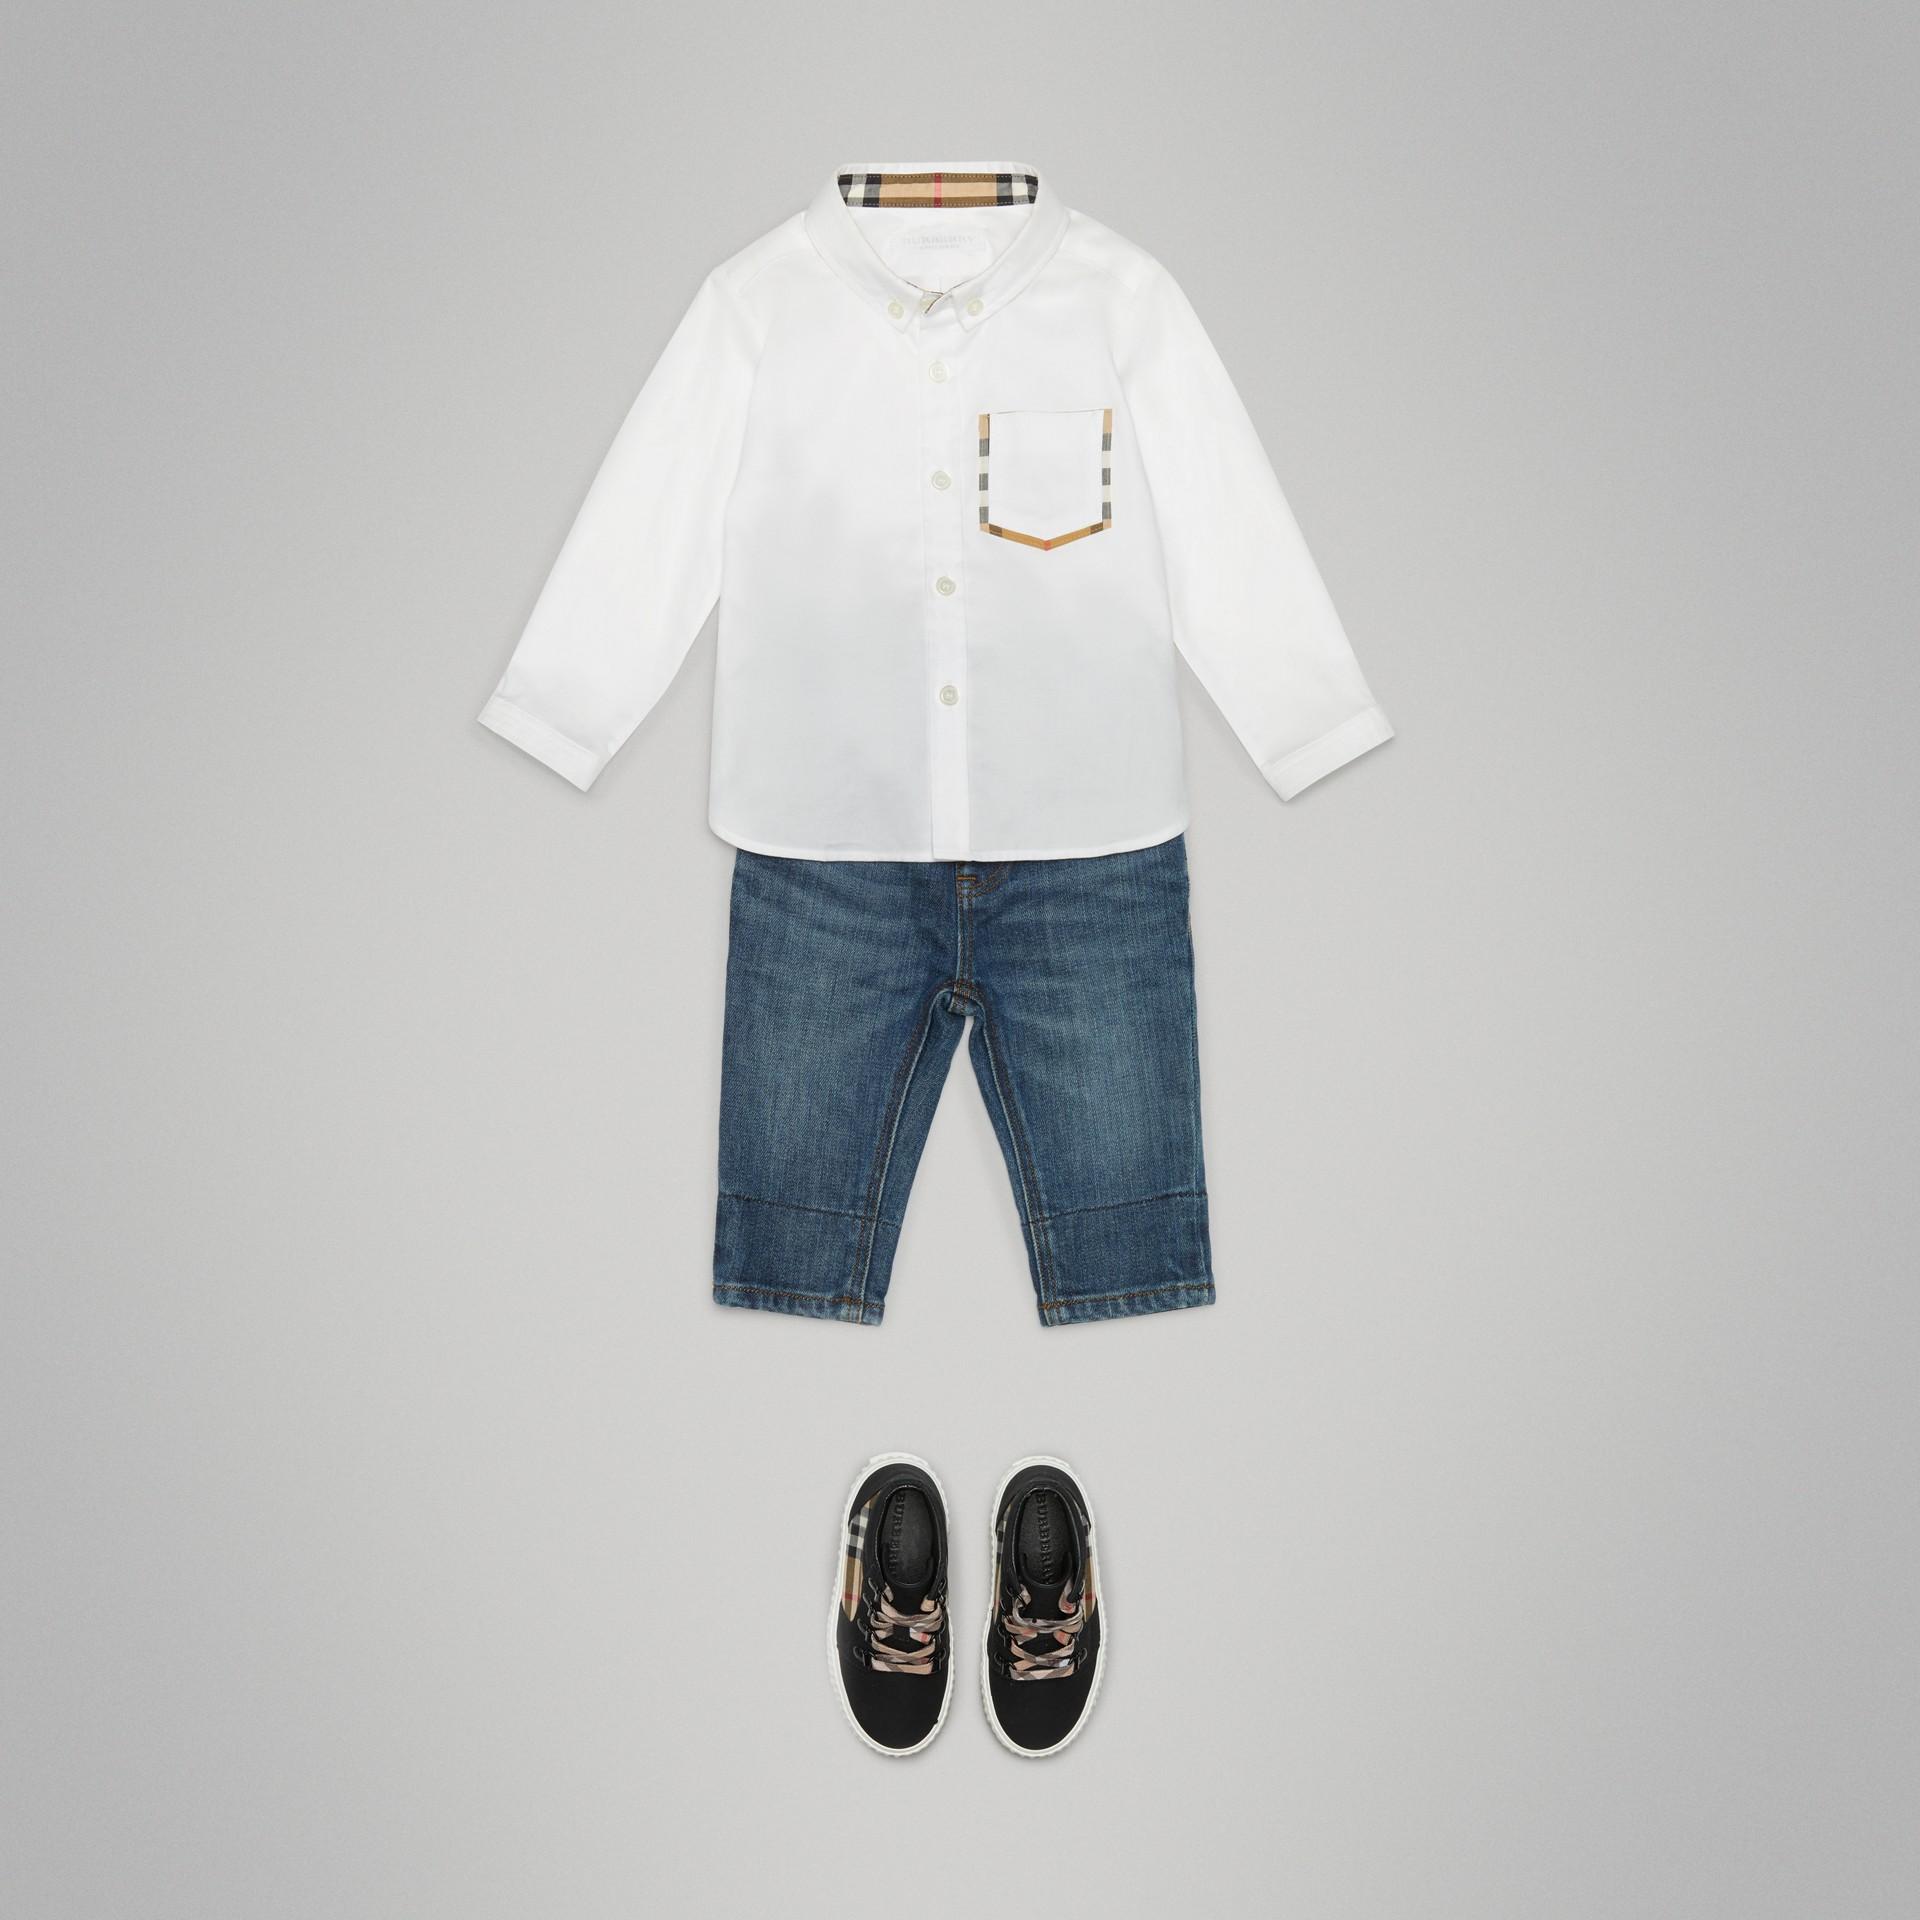 Camisa Oxford de algodão com detalhe xadrez (Branco) - Crianças | Burberry - galeria de imagens 2